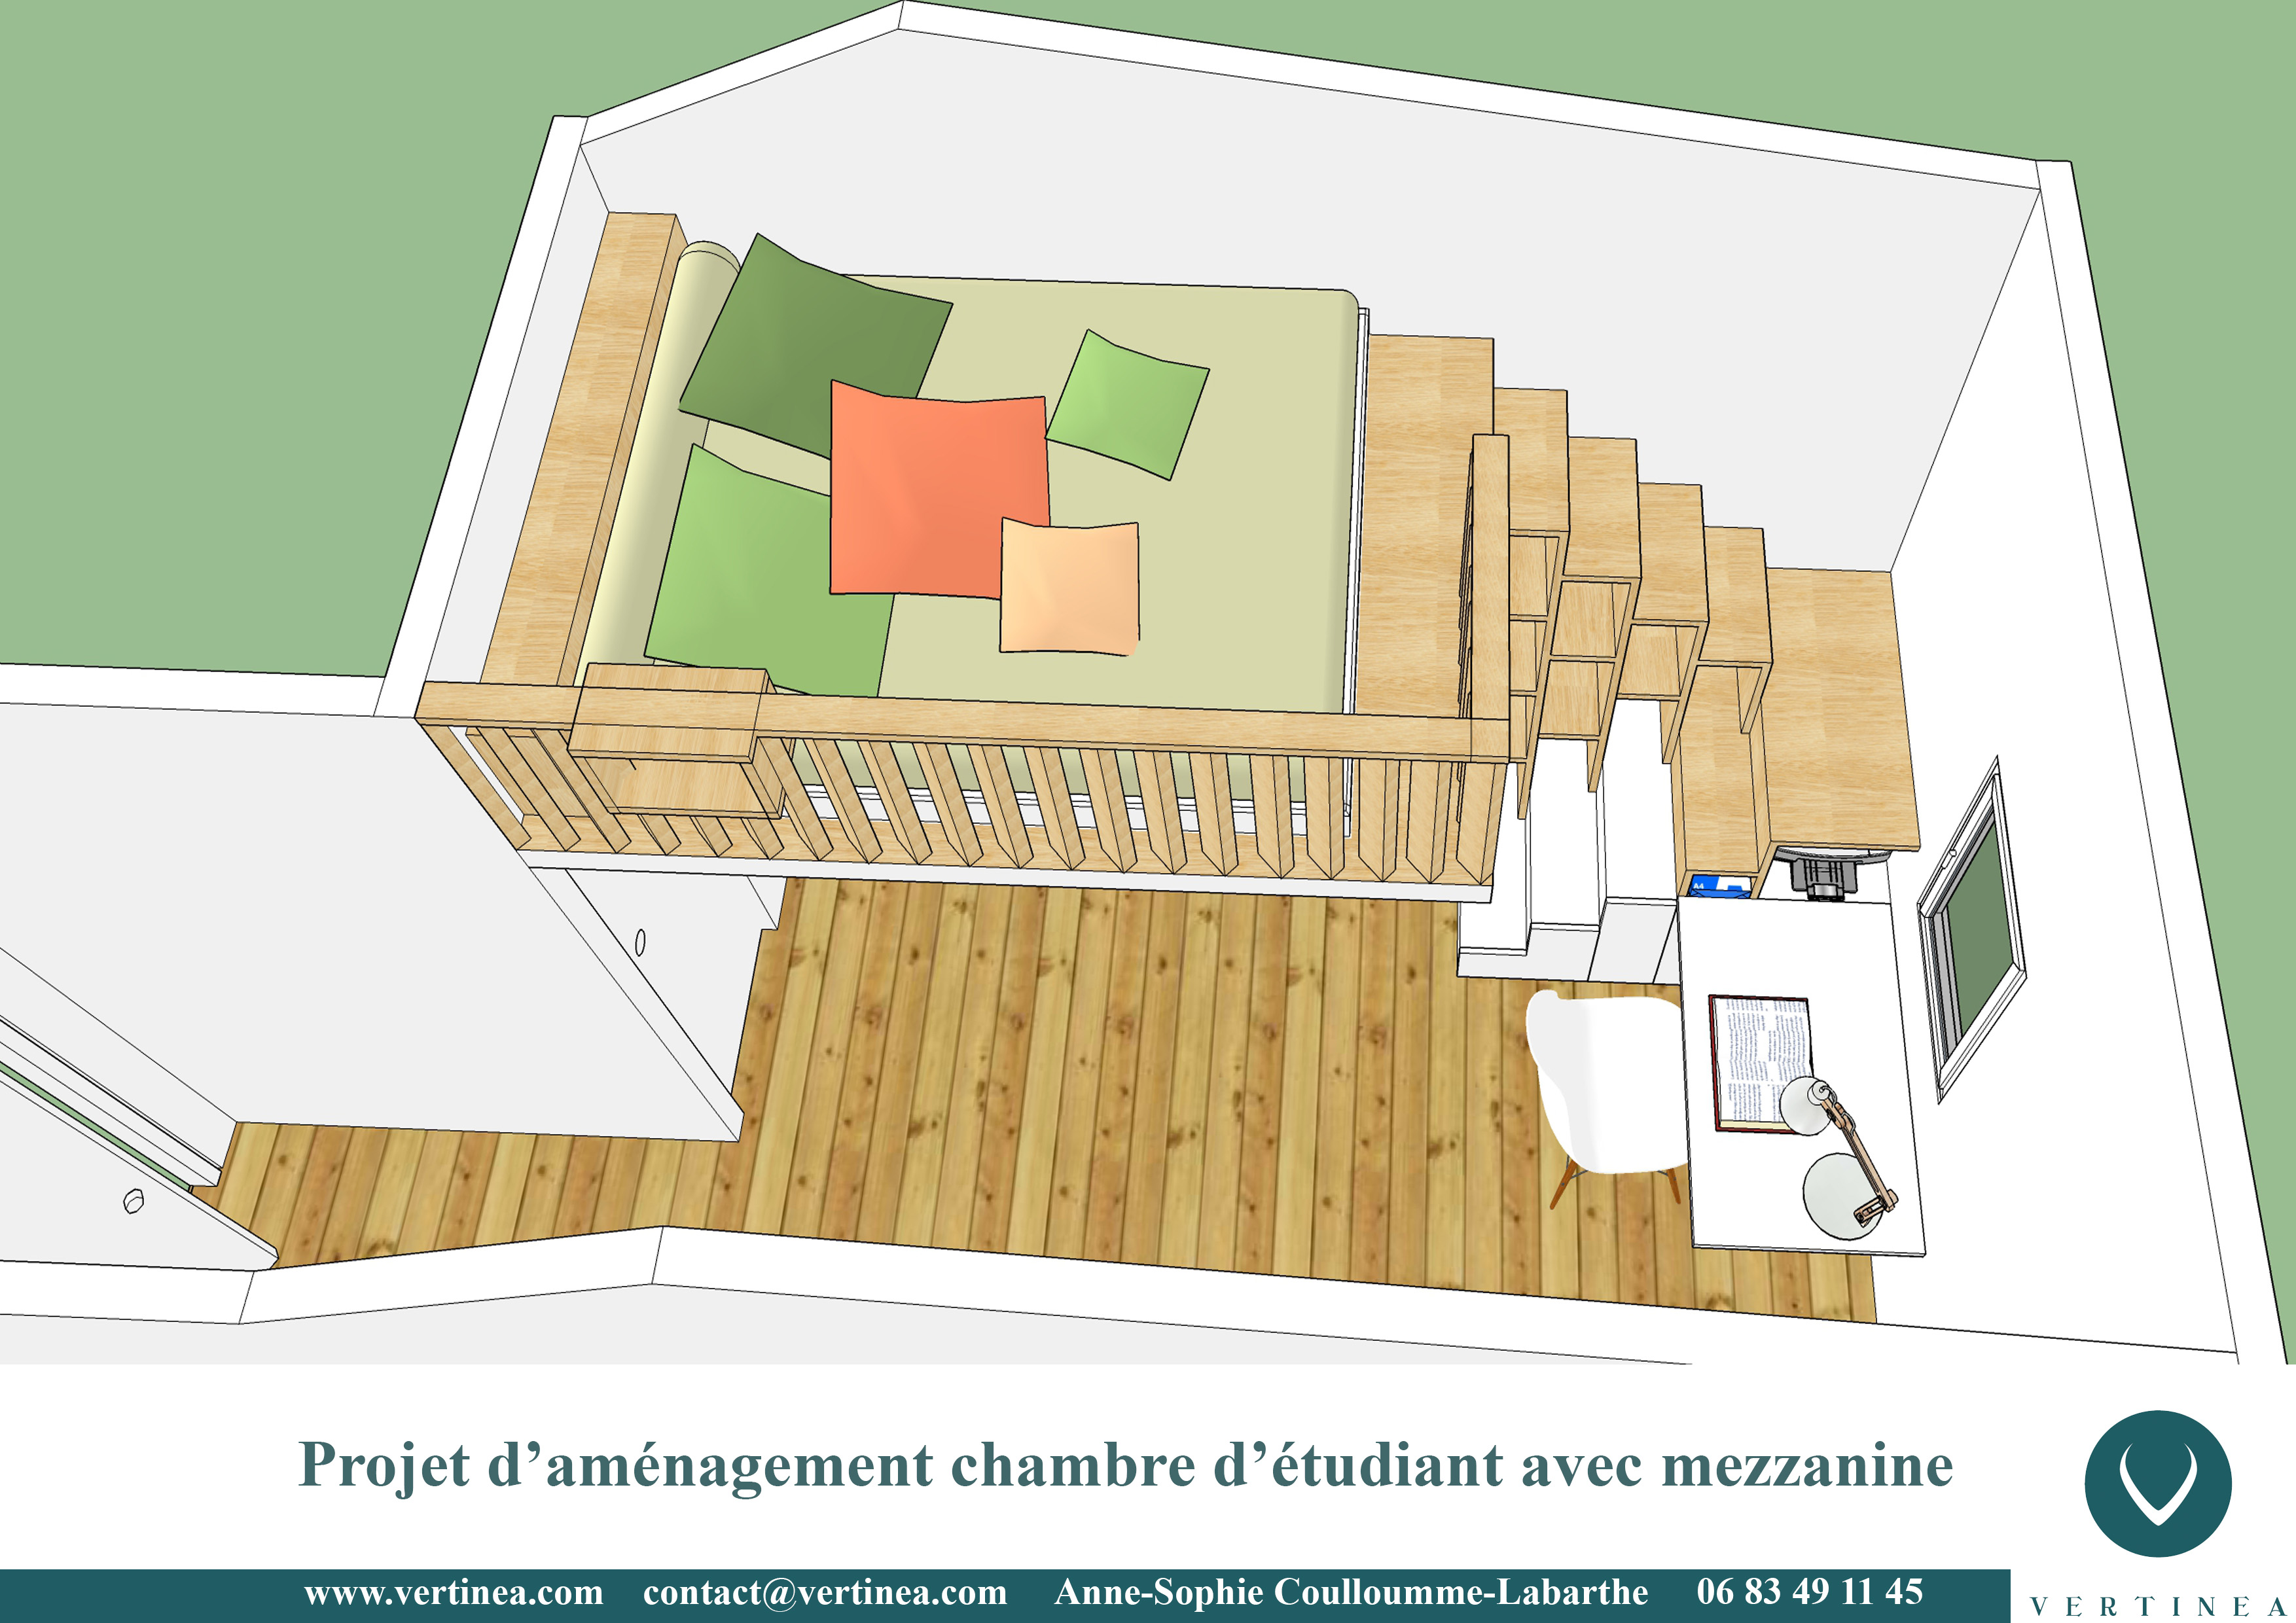 Aménagement d\'une chambre d\'étudiant avec mezzanine à Lyon - Vertinea